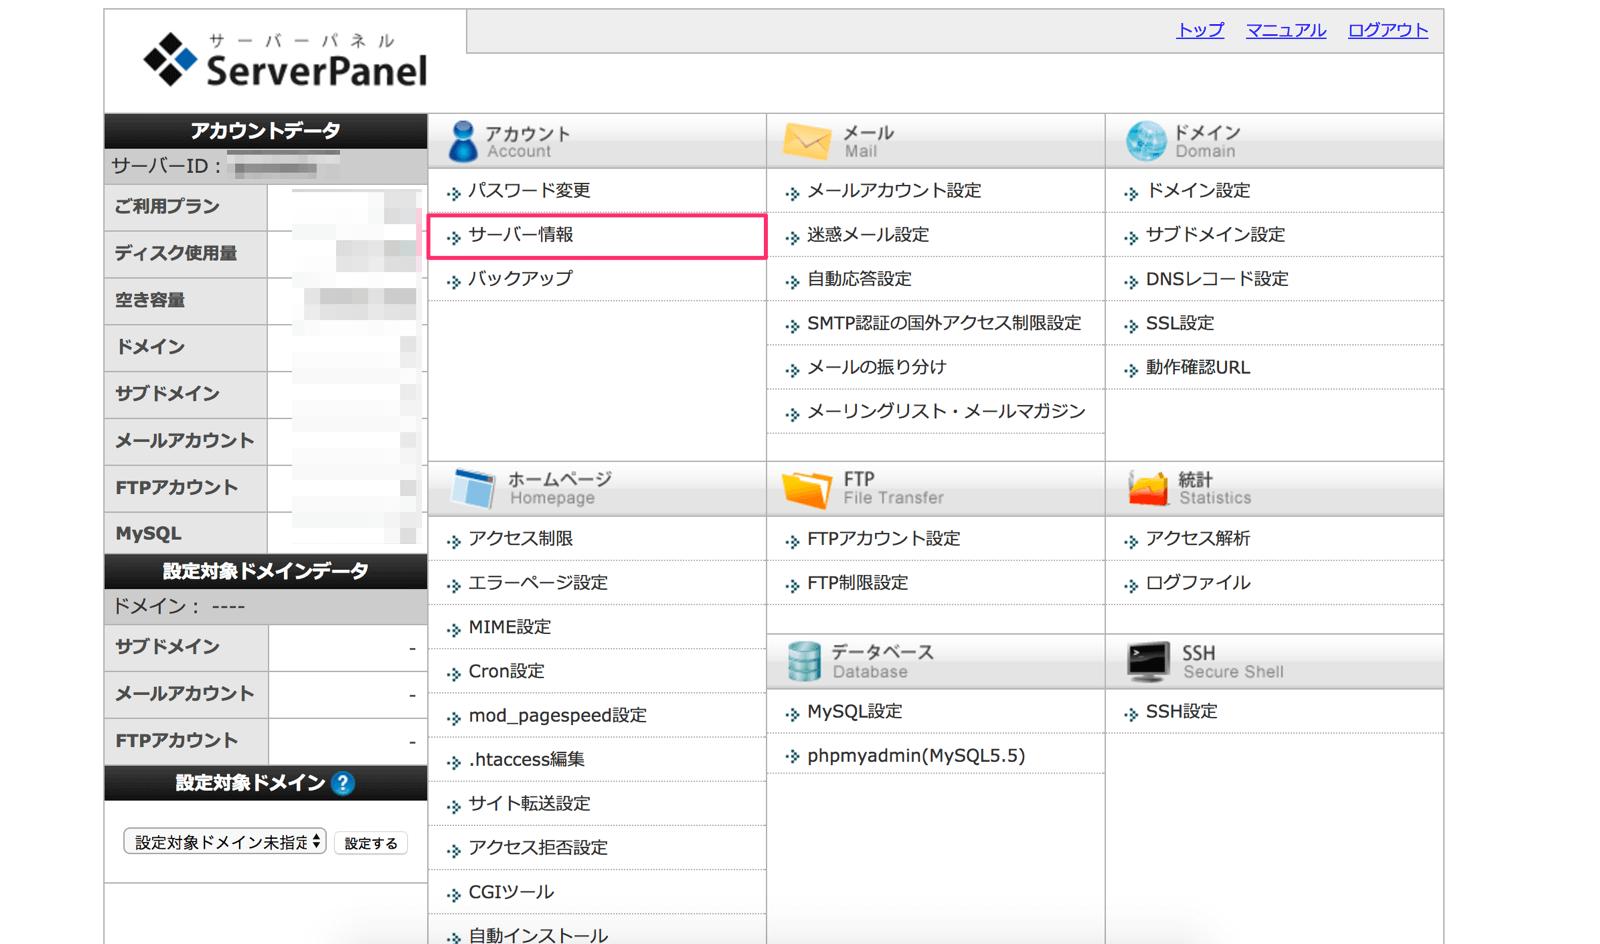 サーバー情報からエックスサーバーのネームサーバー情報を確認します